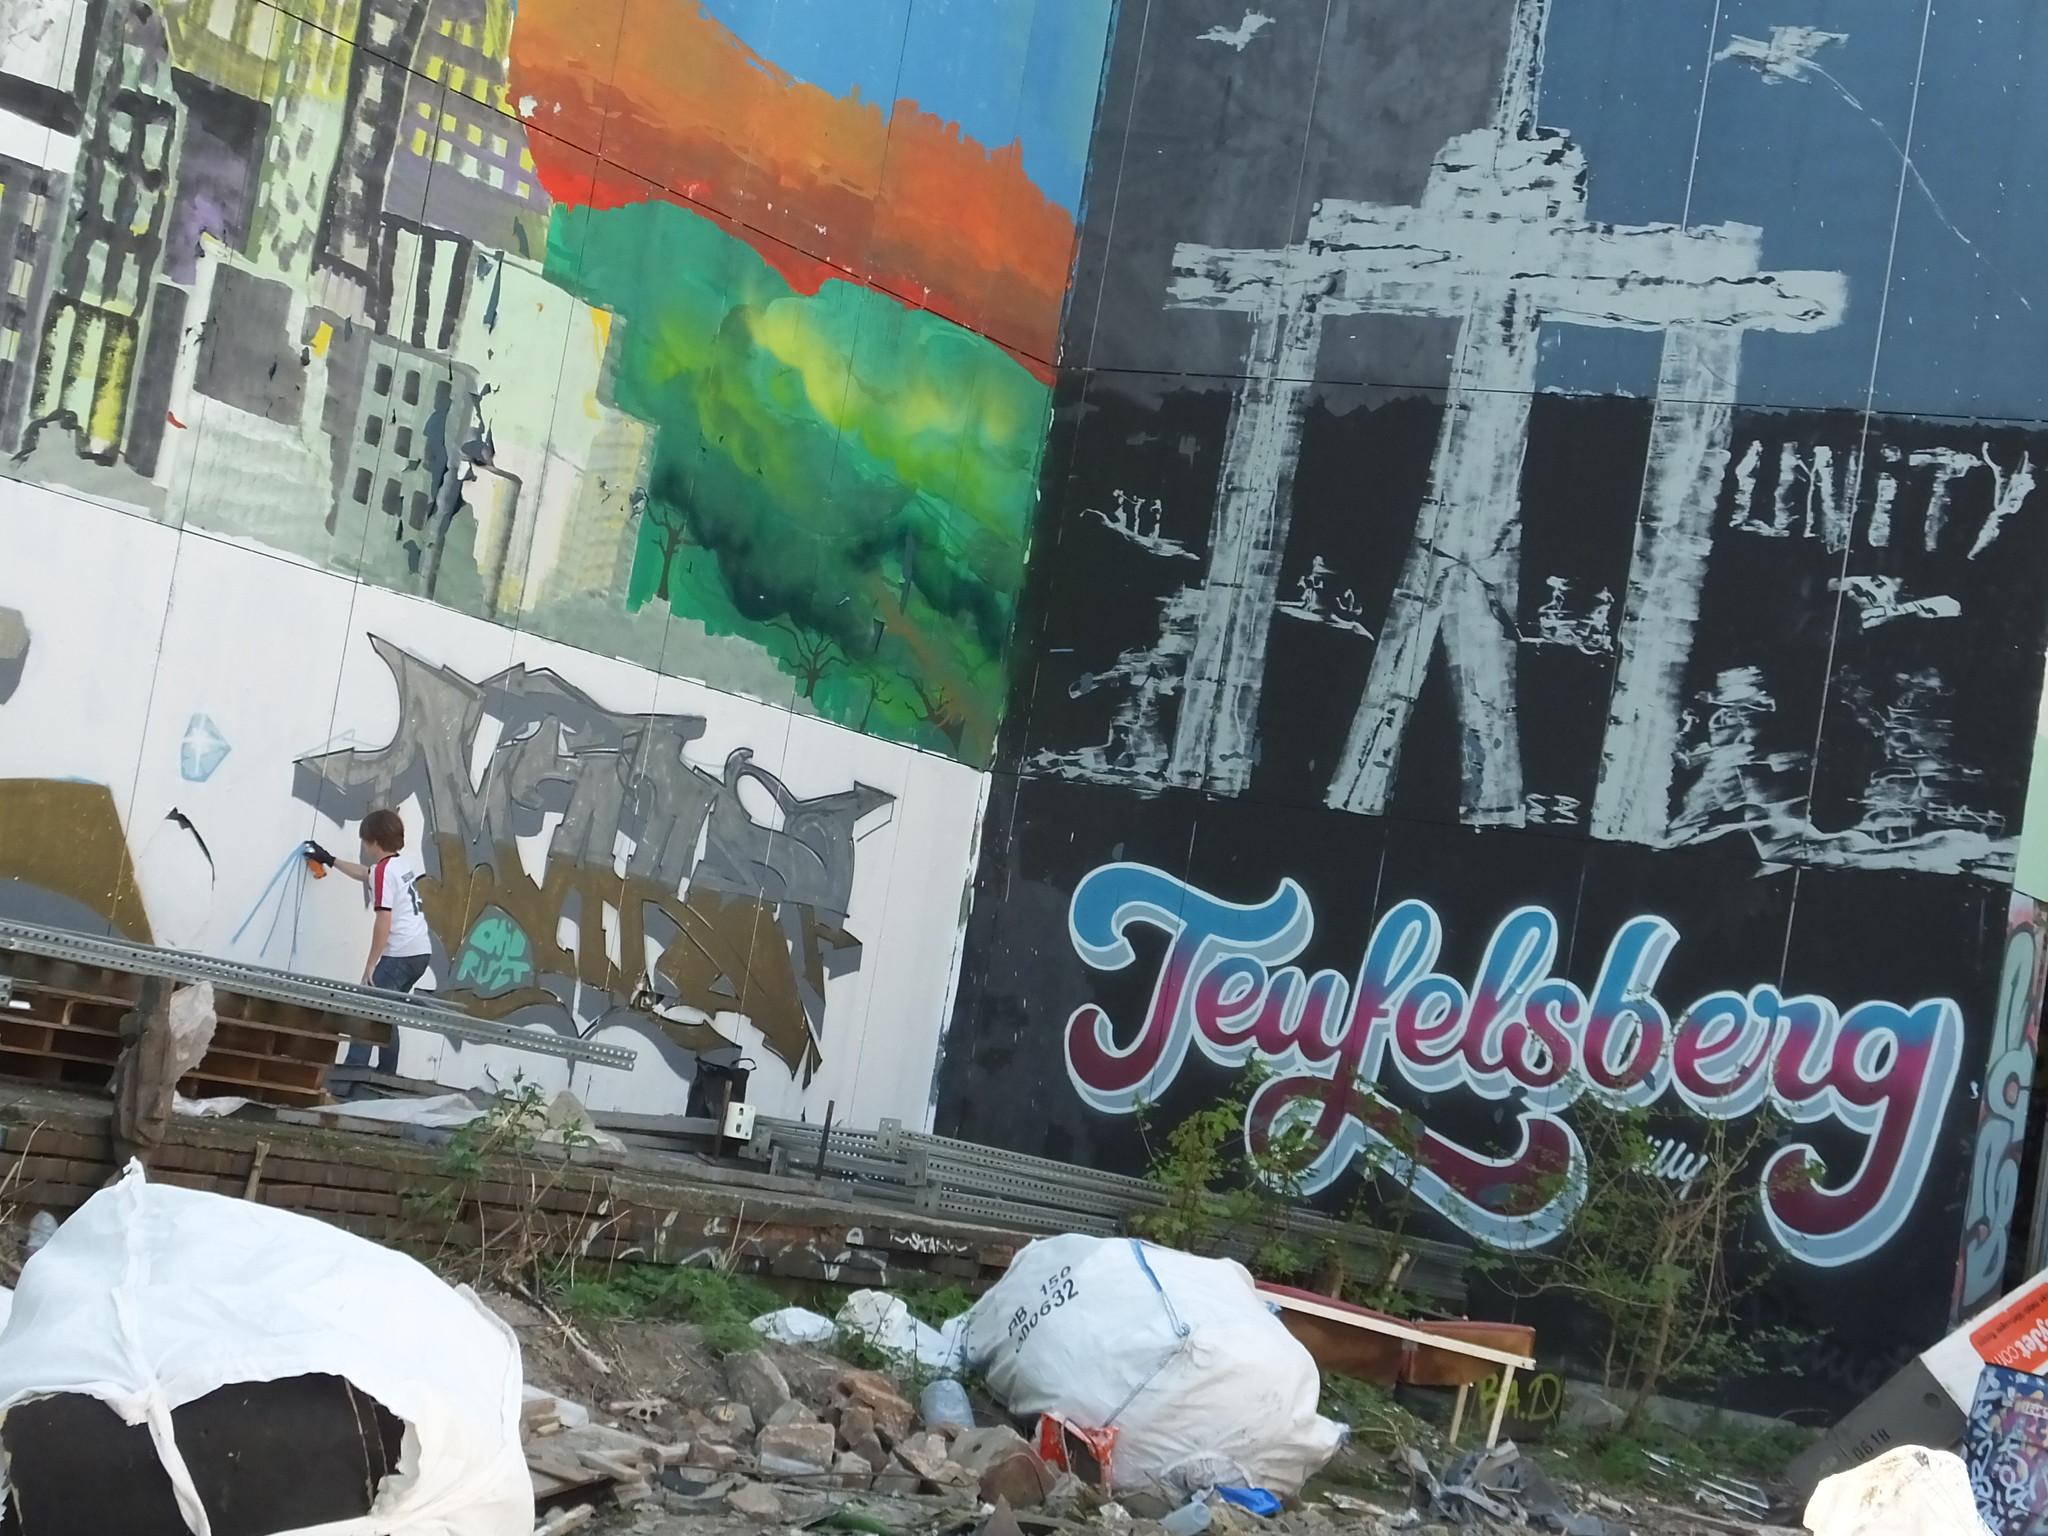 Teufelsberg, Berlin